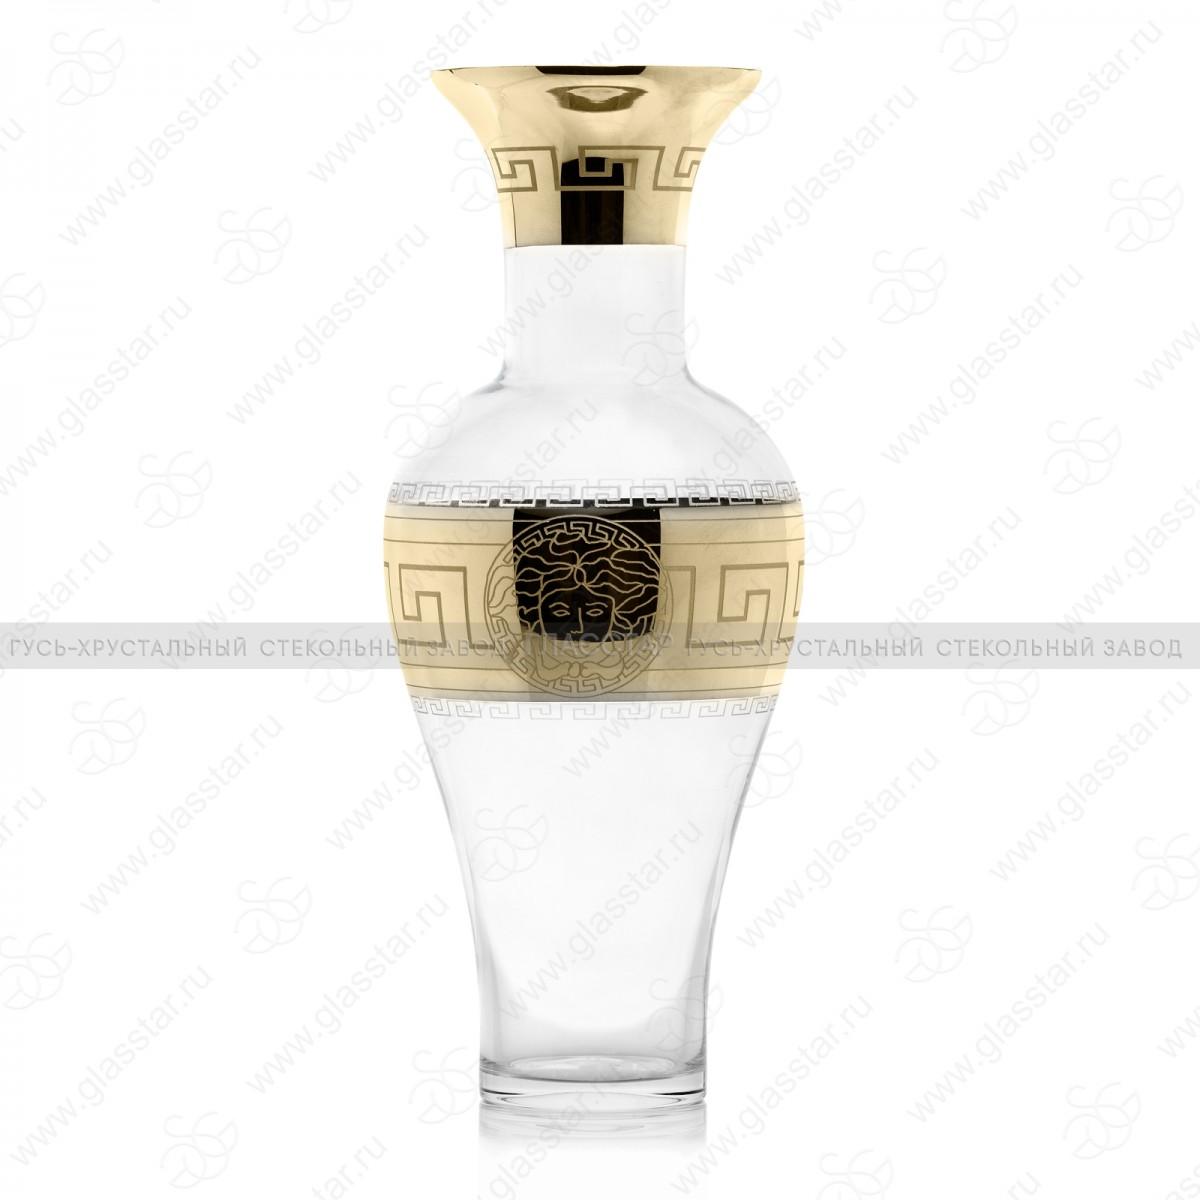 GN3_8501 Ваза «Версаль»